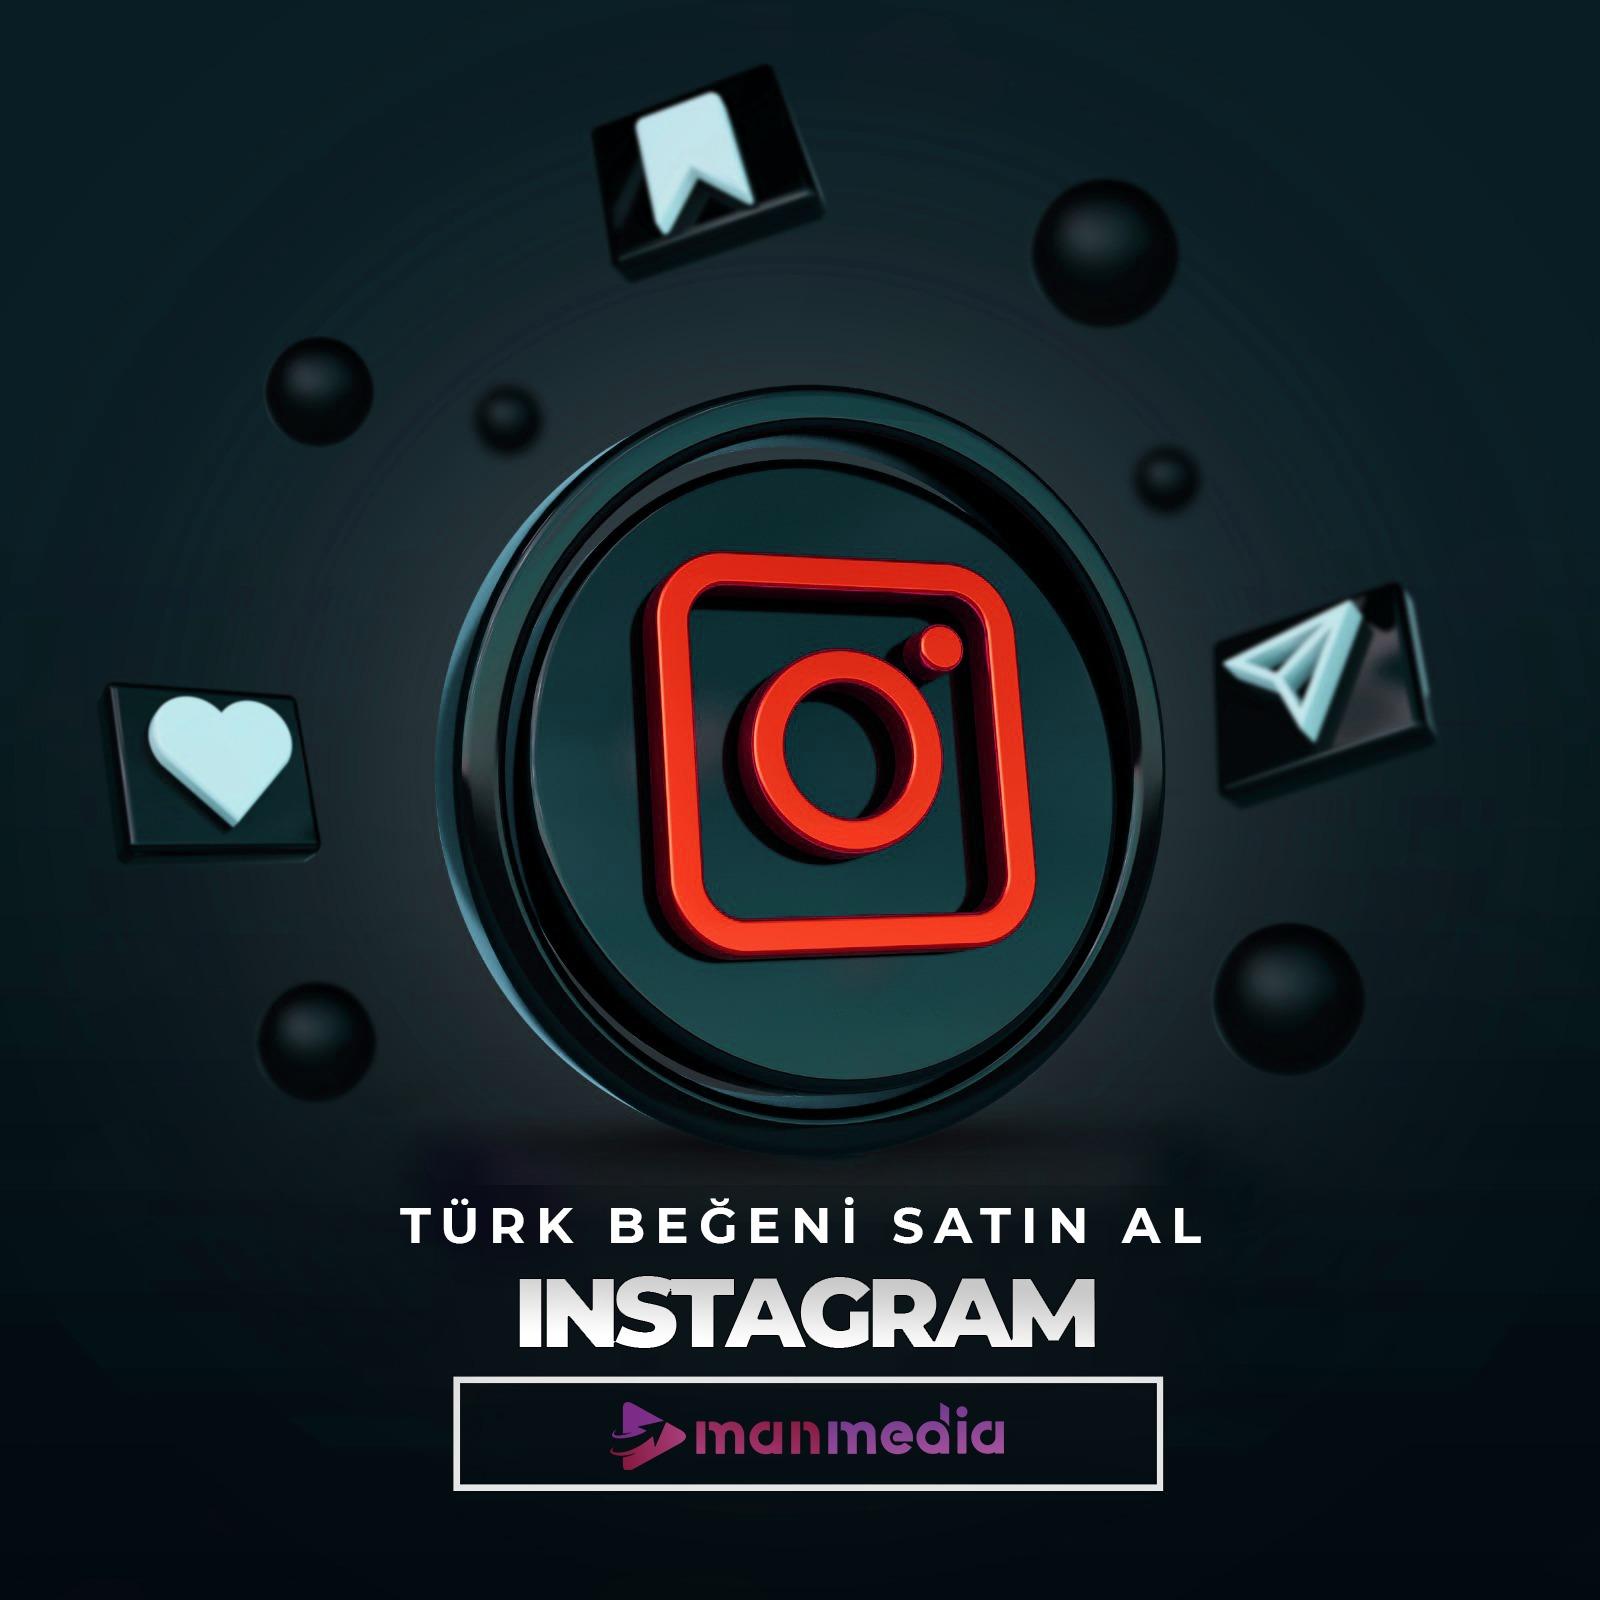 Instagram Türk beğeni satın al